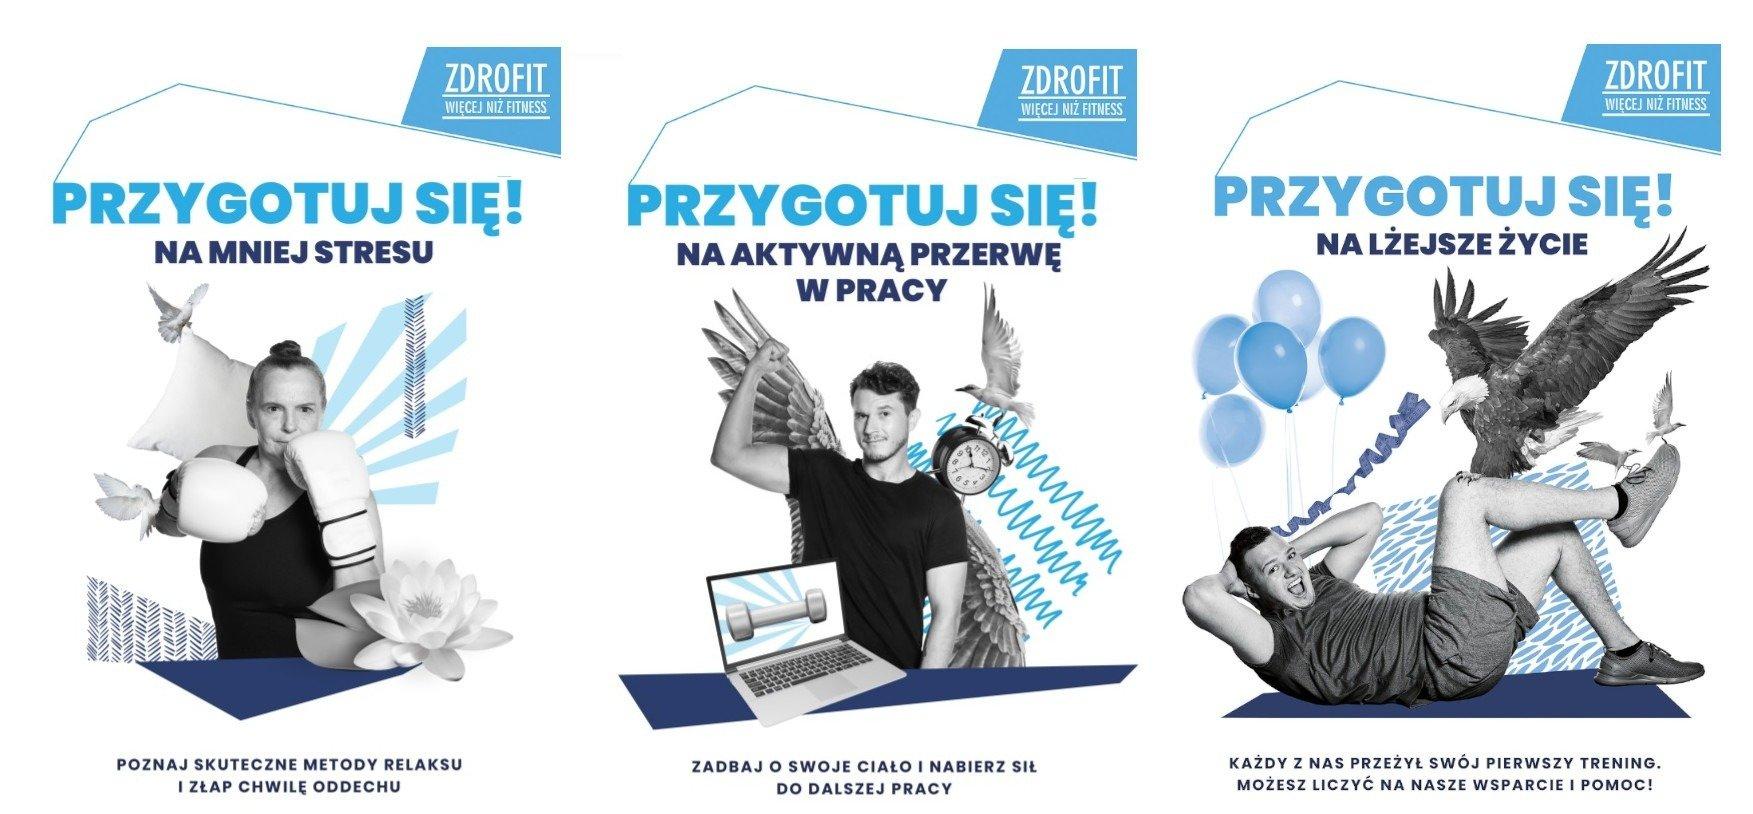 Przygotuj się! Do codziennej aktywności fizycznej zachęca ogólnopolska kampania siedmiu sieci fitness